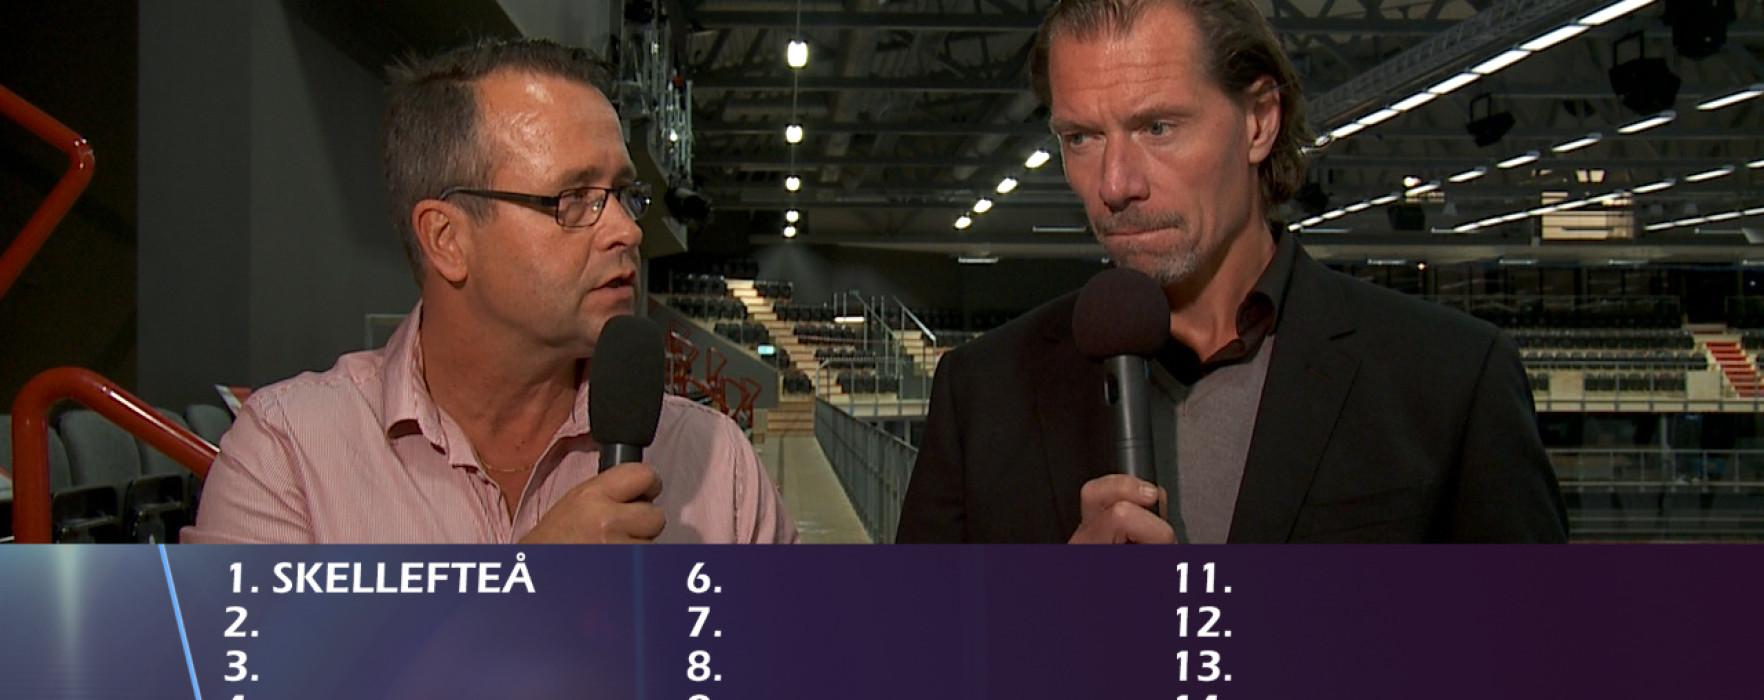 Glimt Sport – Eftersnack Örebro-Färjestad